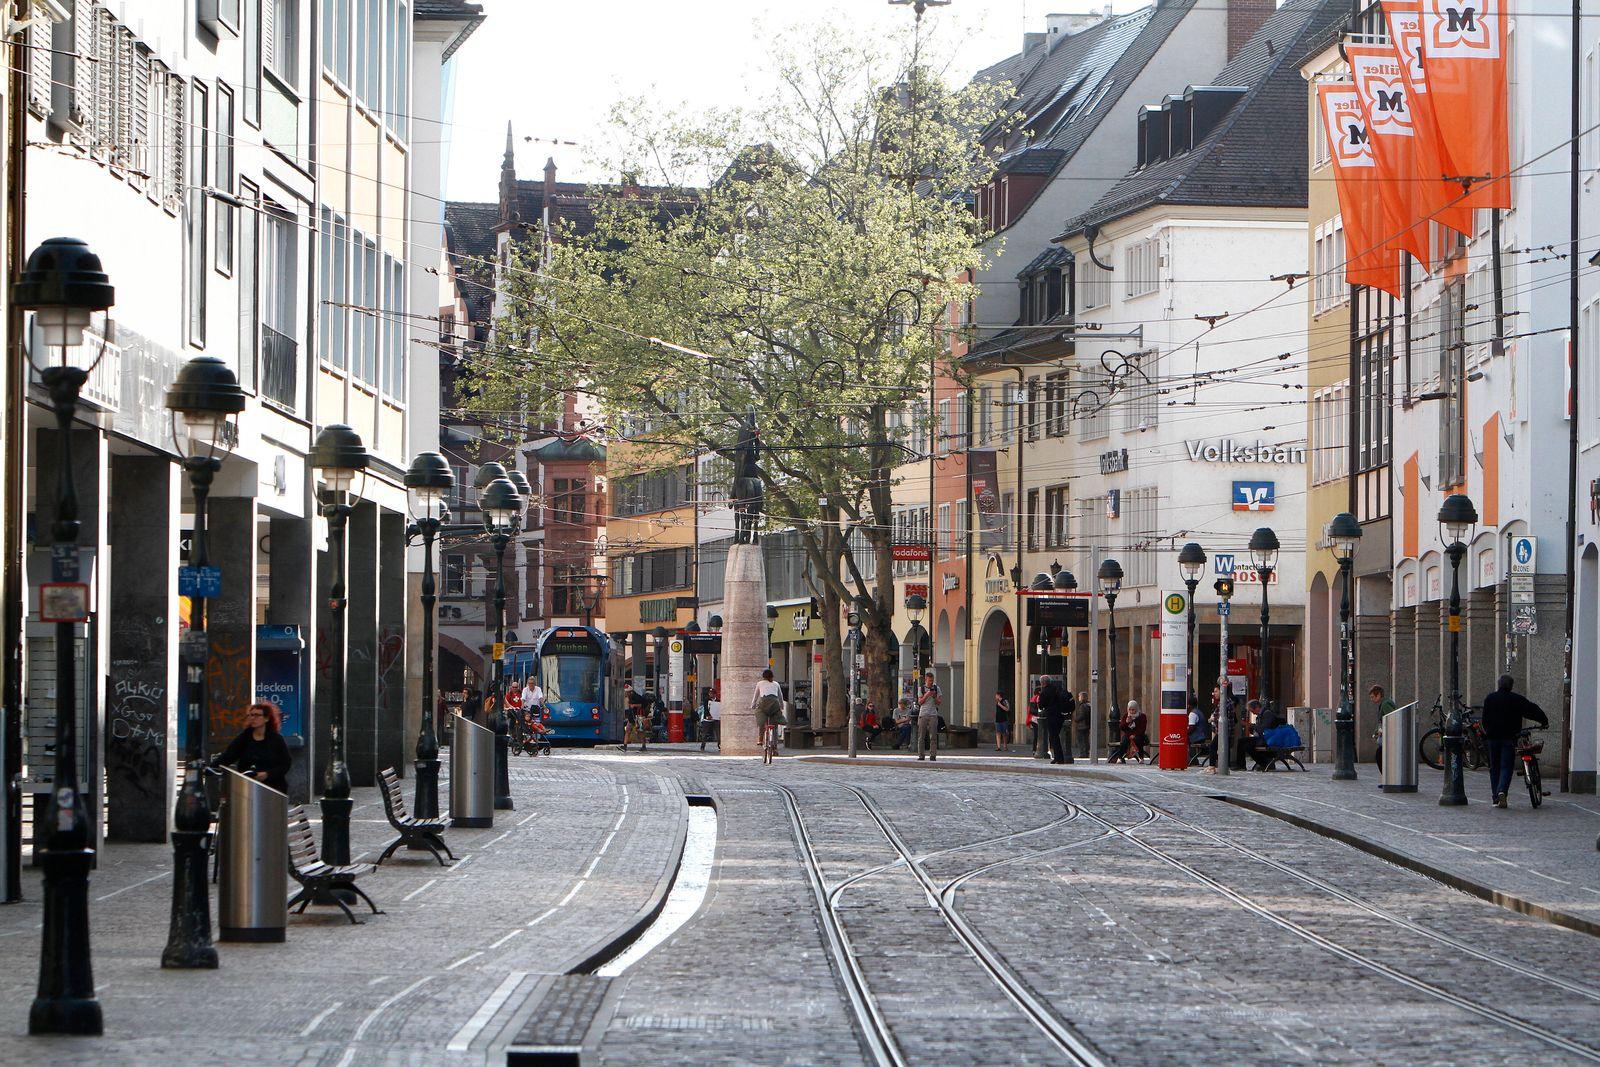 Nahezu menschenleere Einkaufsstraße und Fußgängerzone Kaiser Joseph Straße in der Innenstadt von Freiburg im Breisgau,